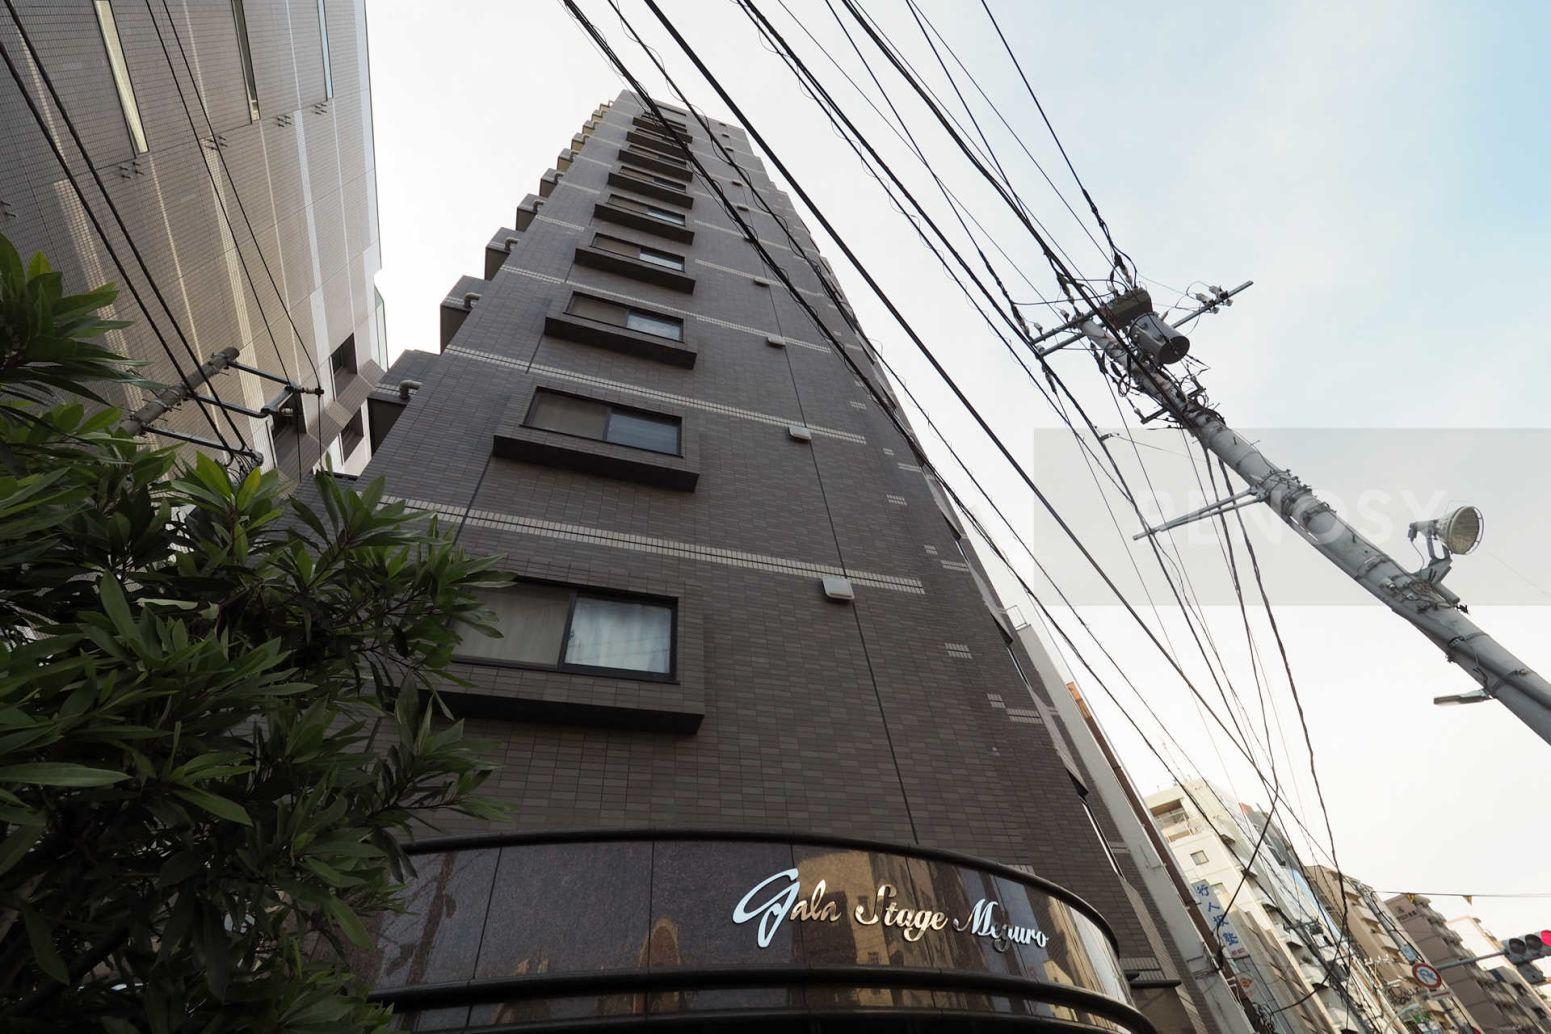 ガラ・ステージ目黒